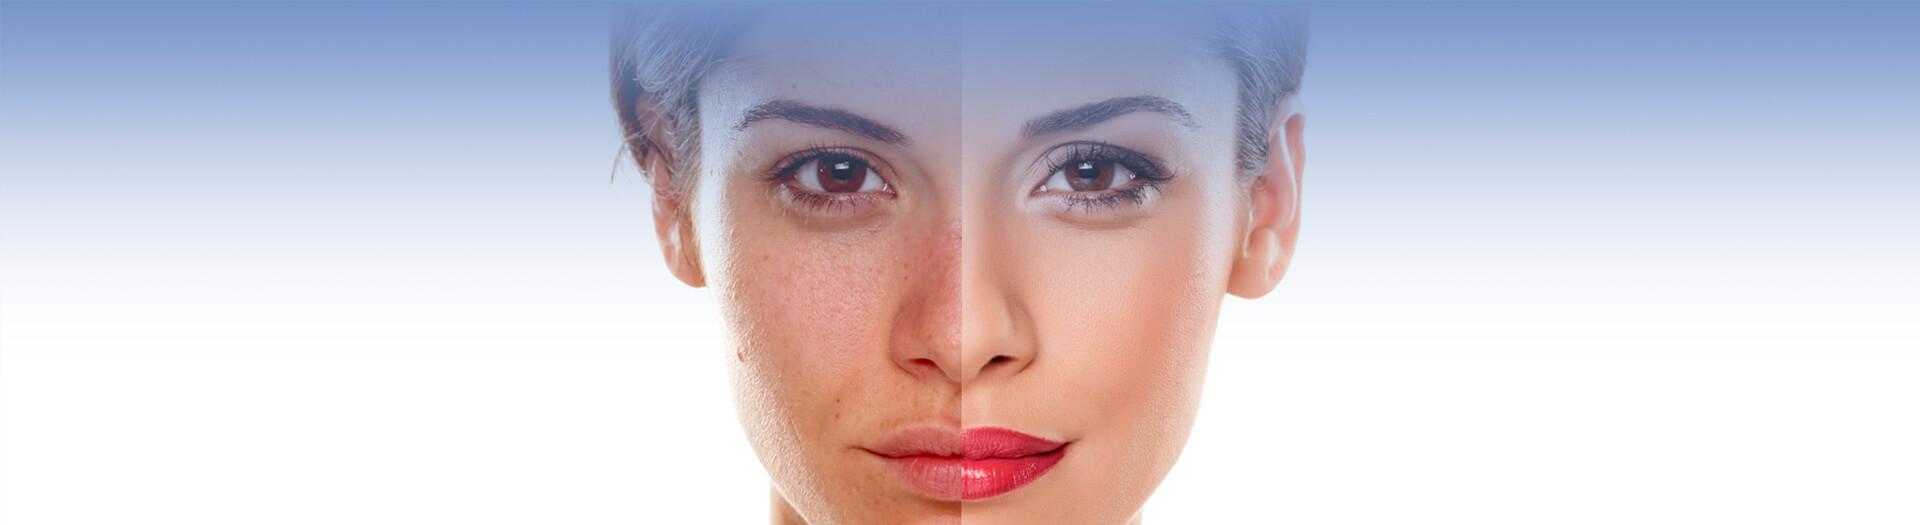 Closeup of woman's face facial rejuvenation before after comparison